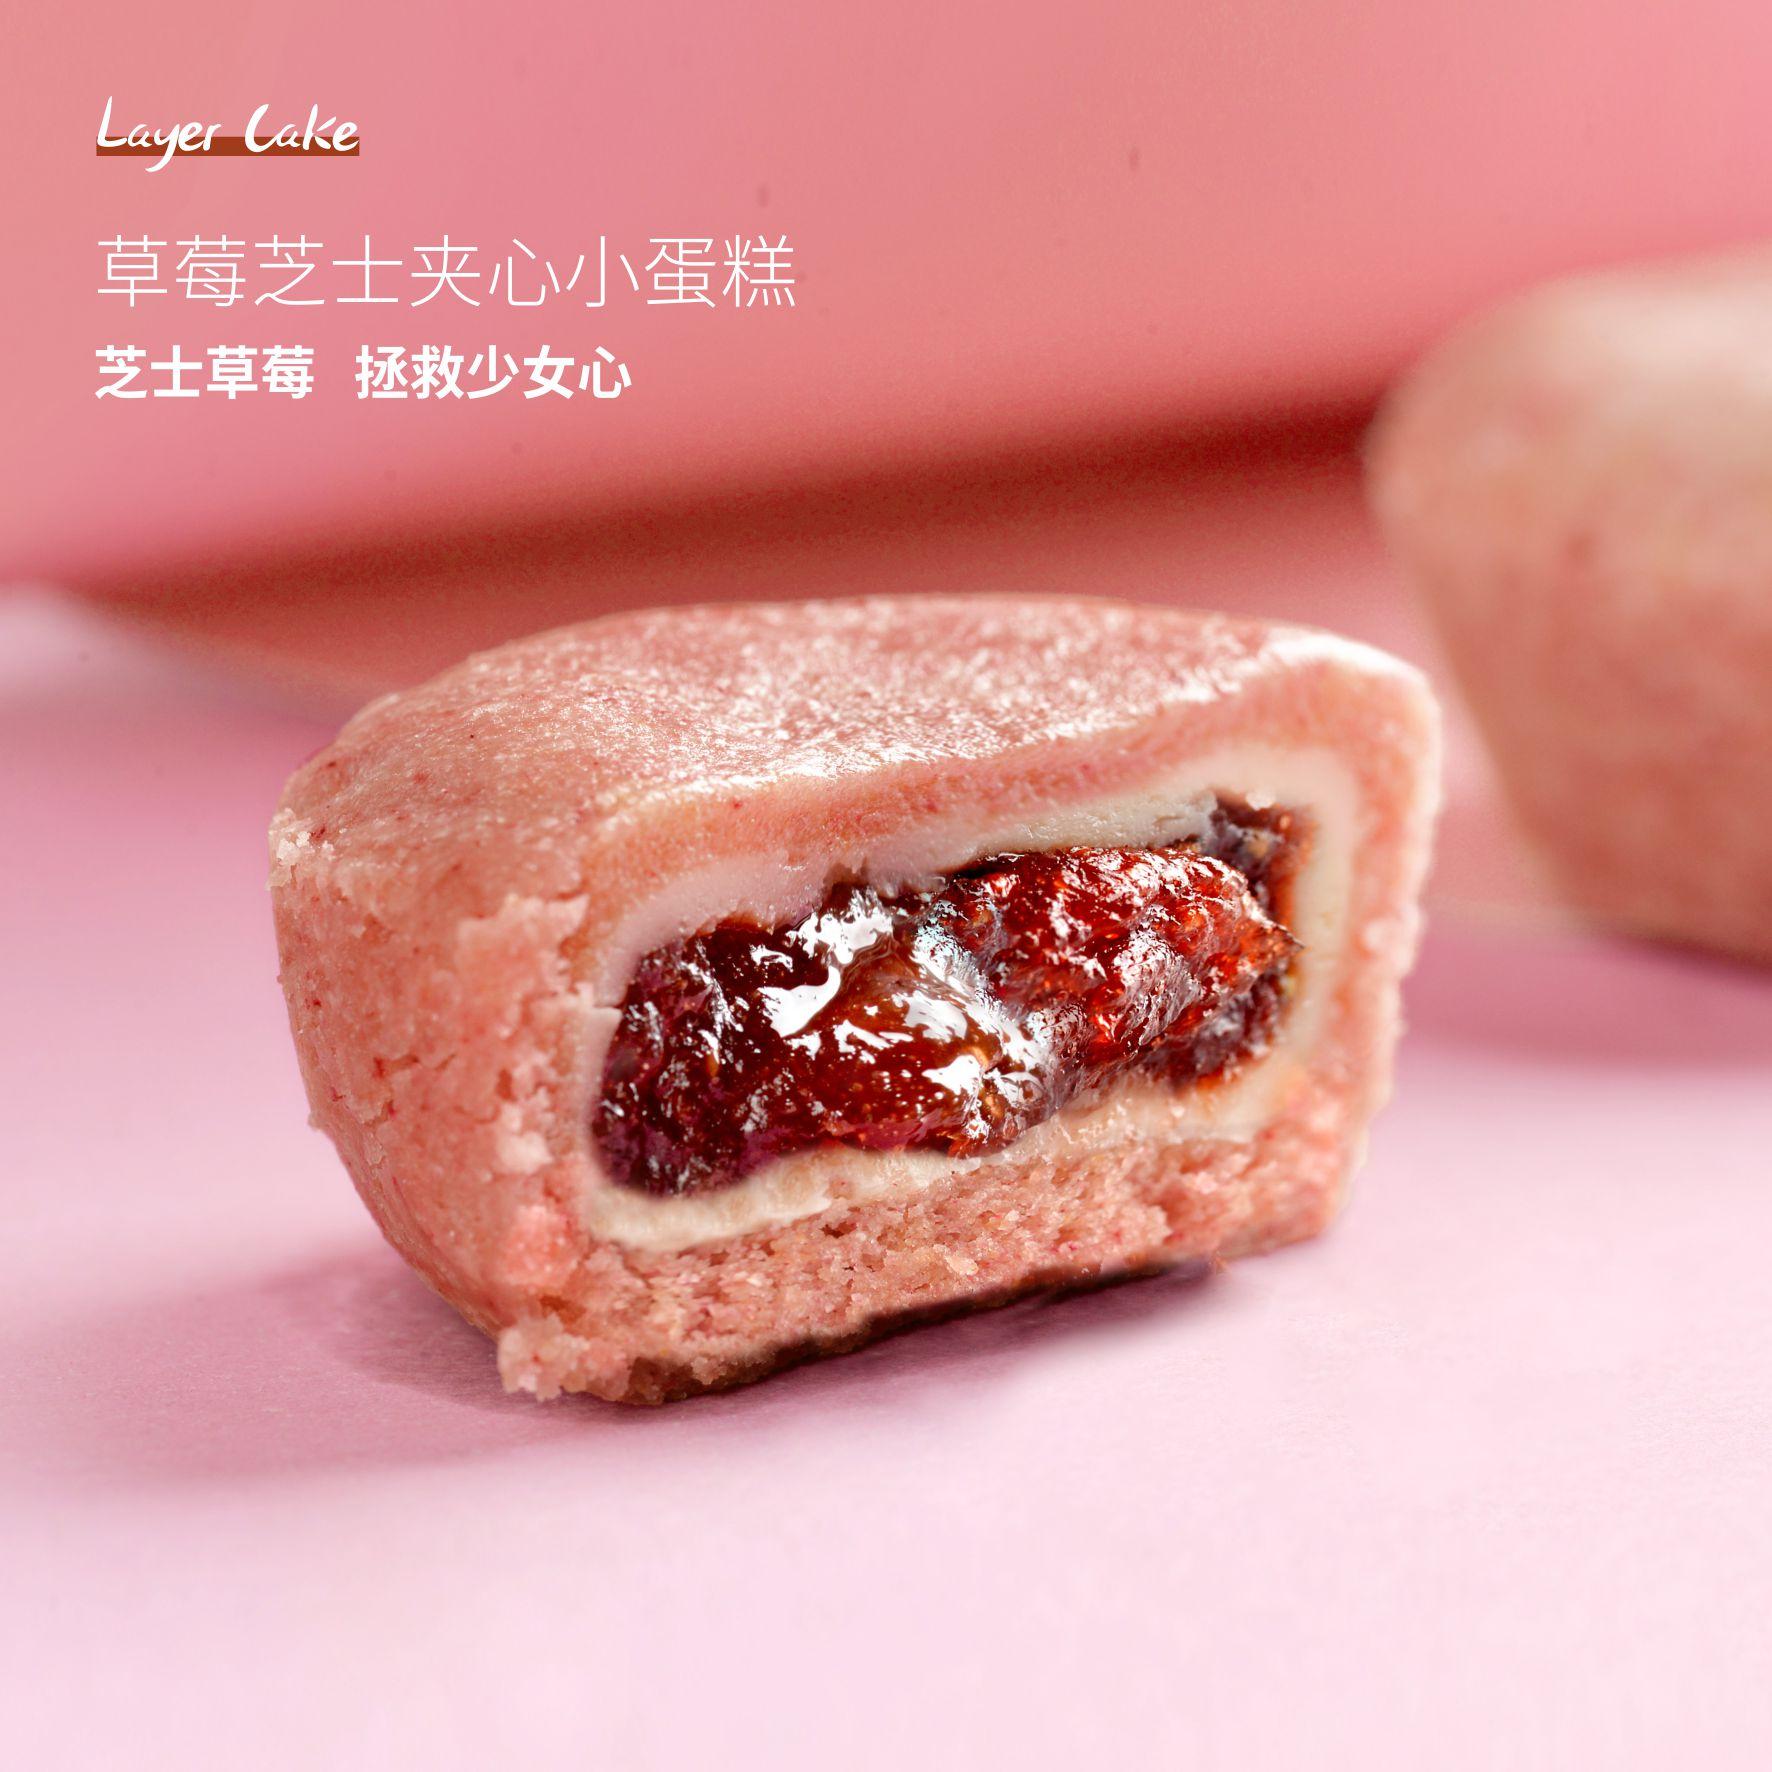 11月04日最新优惠喵叔的实验室草莓味乳酪夹心小芝士